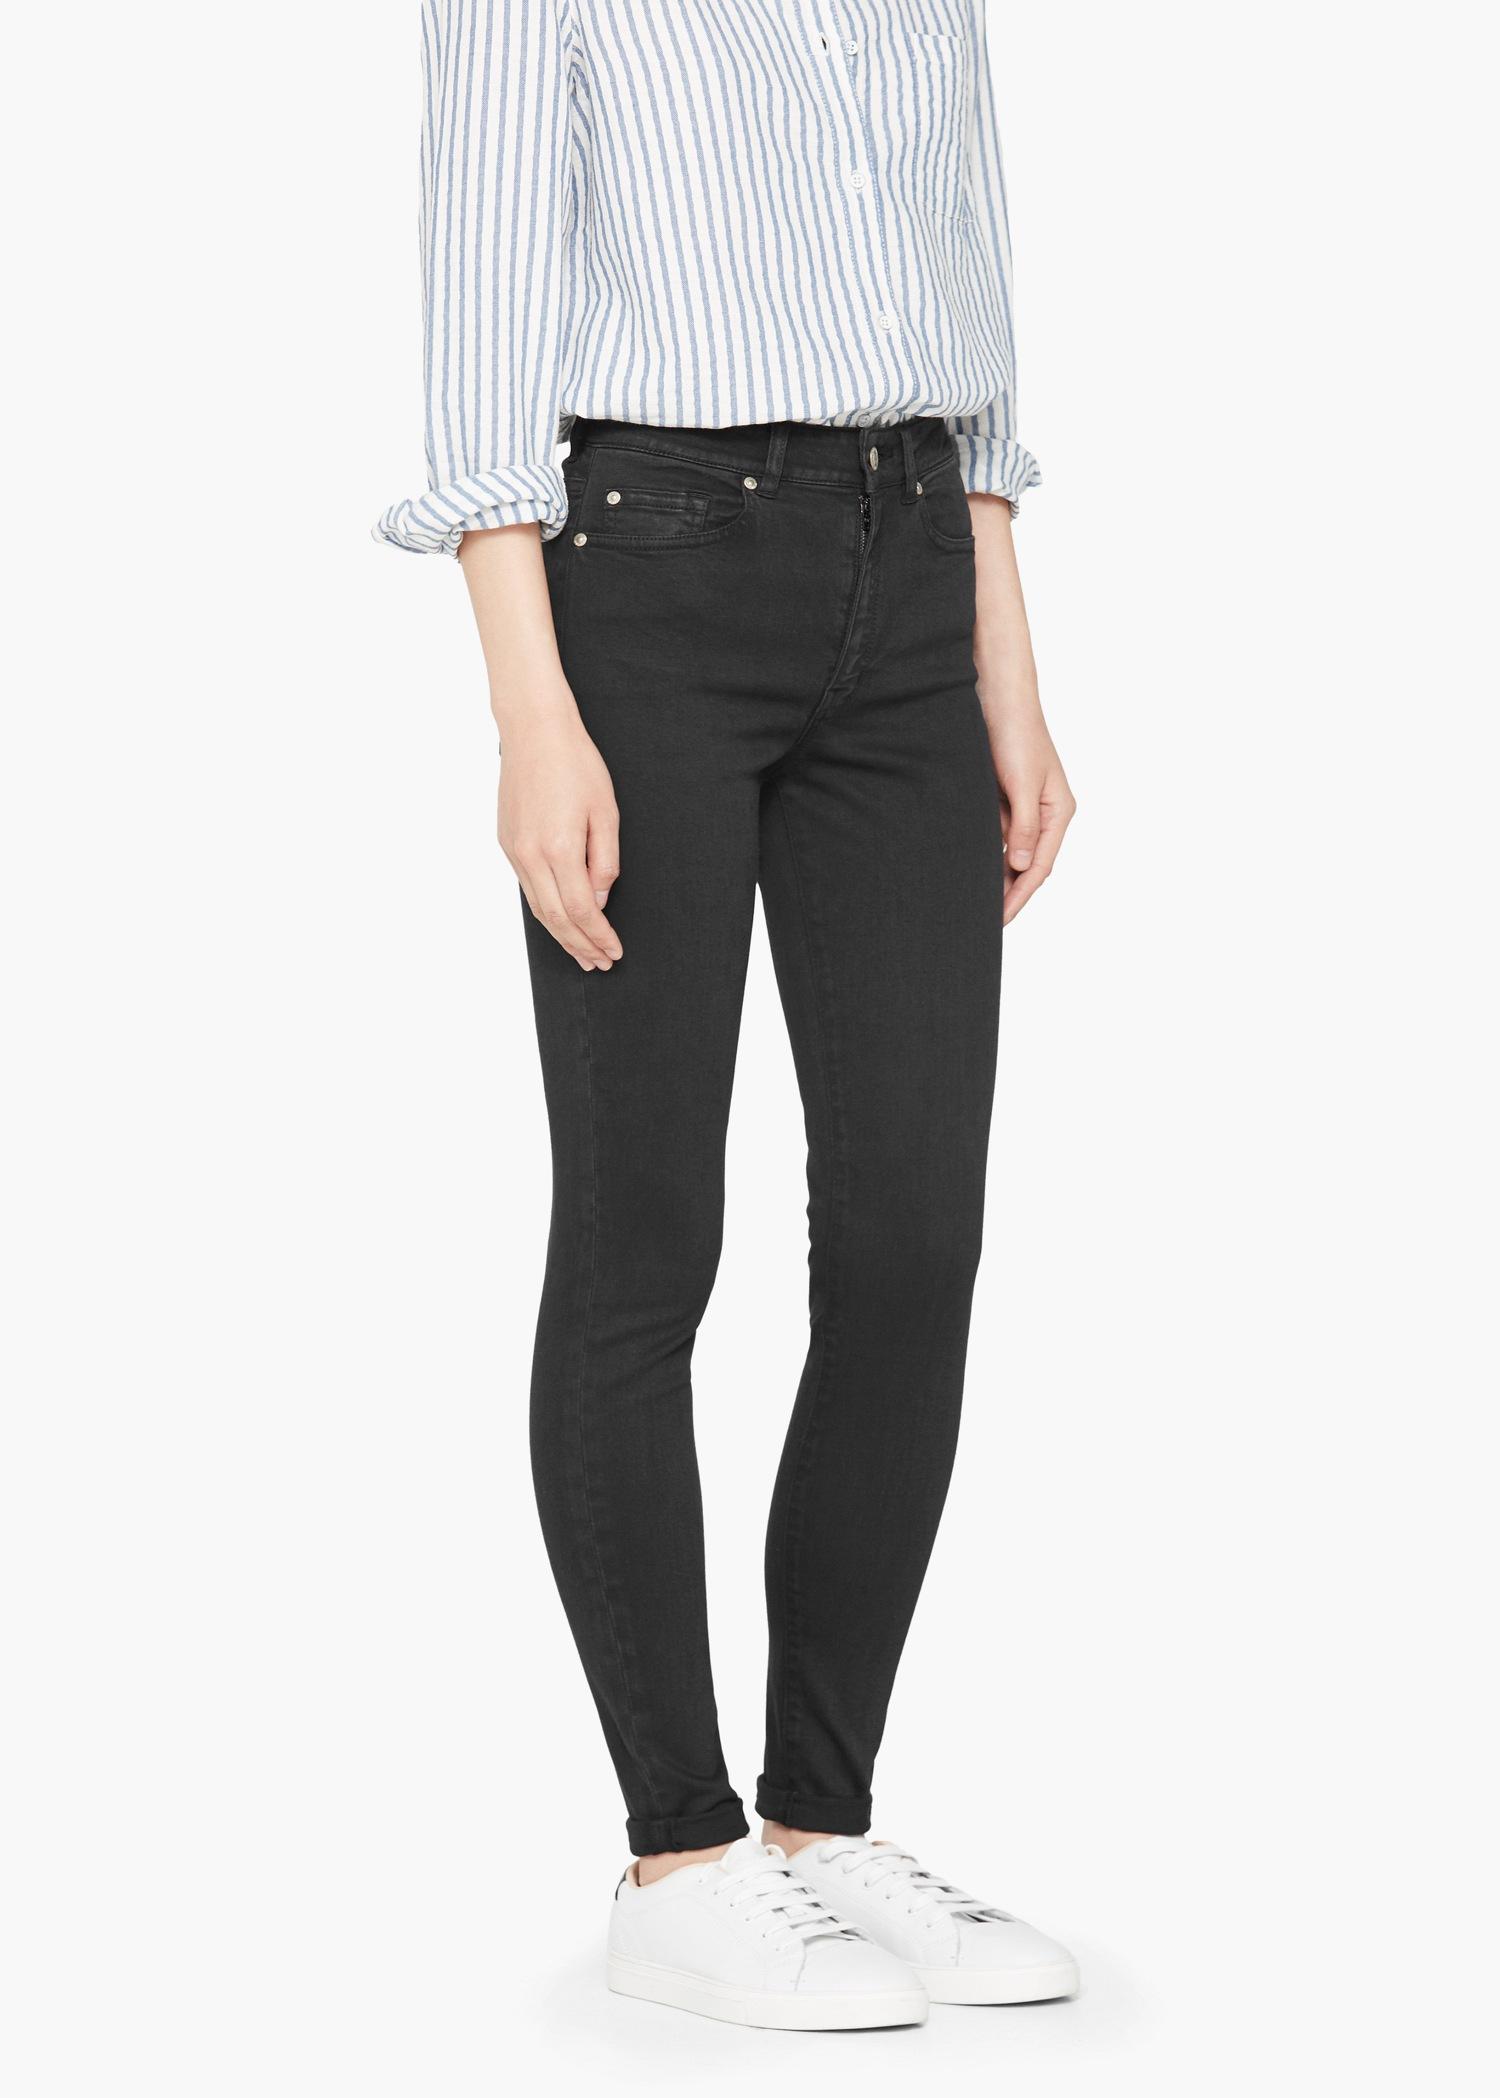 Mango grey skinny jeans